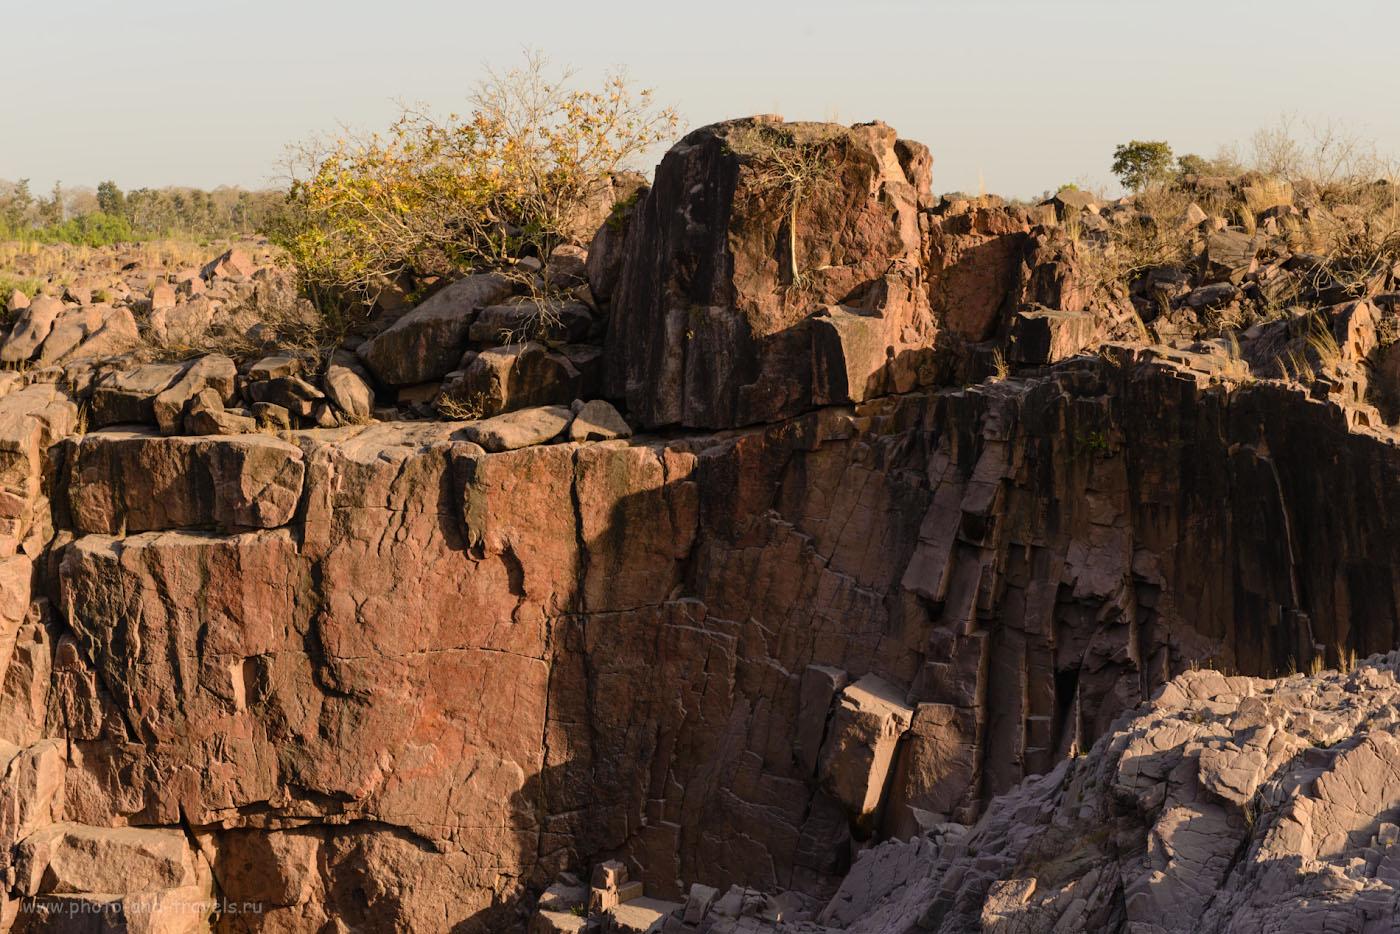 Фото 3. Коричневые стены каньона реки Кен и водопадов Raneh Falls, сложенны кварцем. Отзывы об экскурсии в Кхаджурахо. 1/160, -1.0, 9.0, 160, 70.